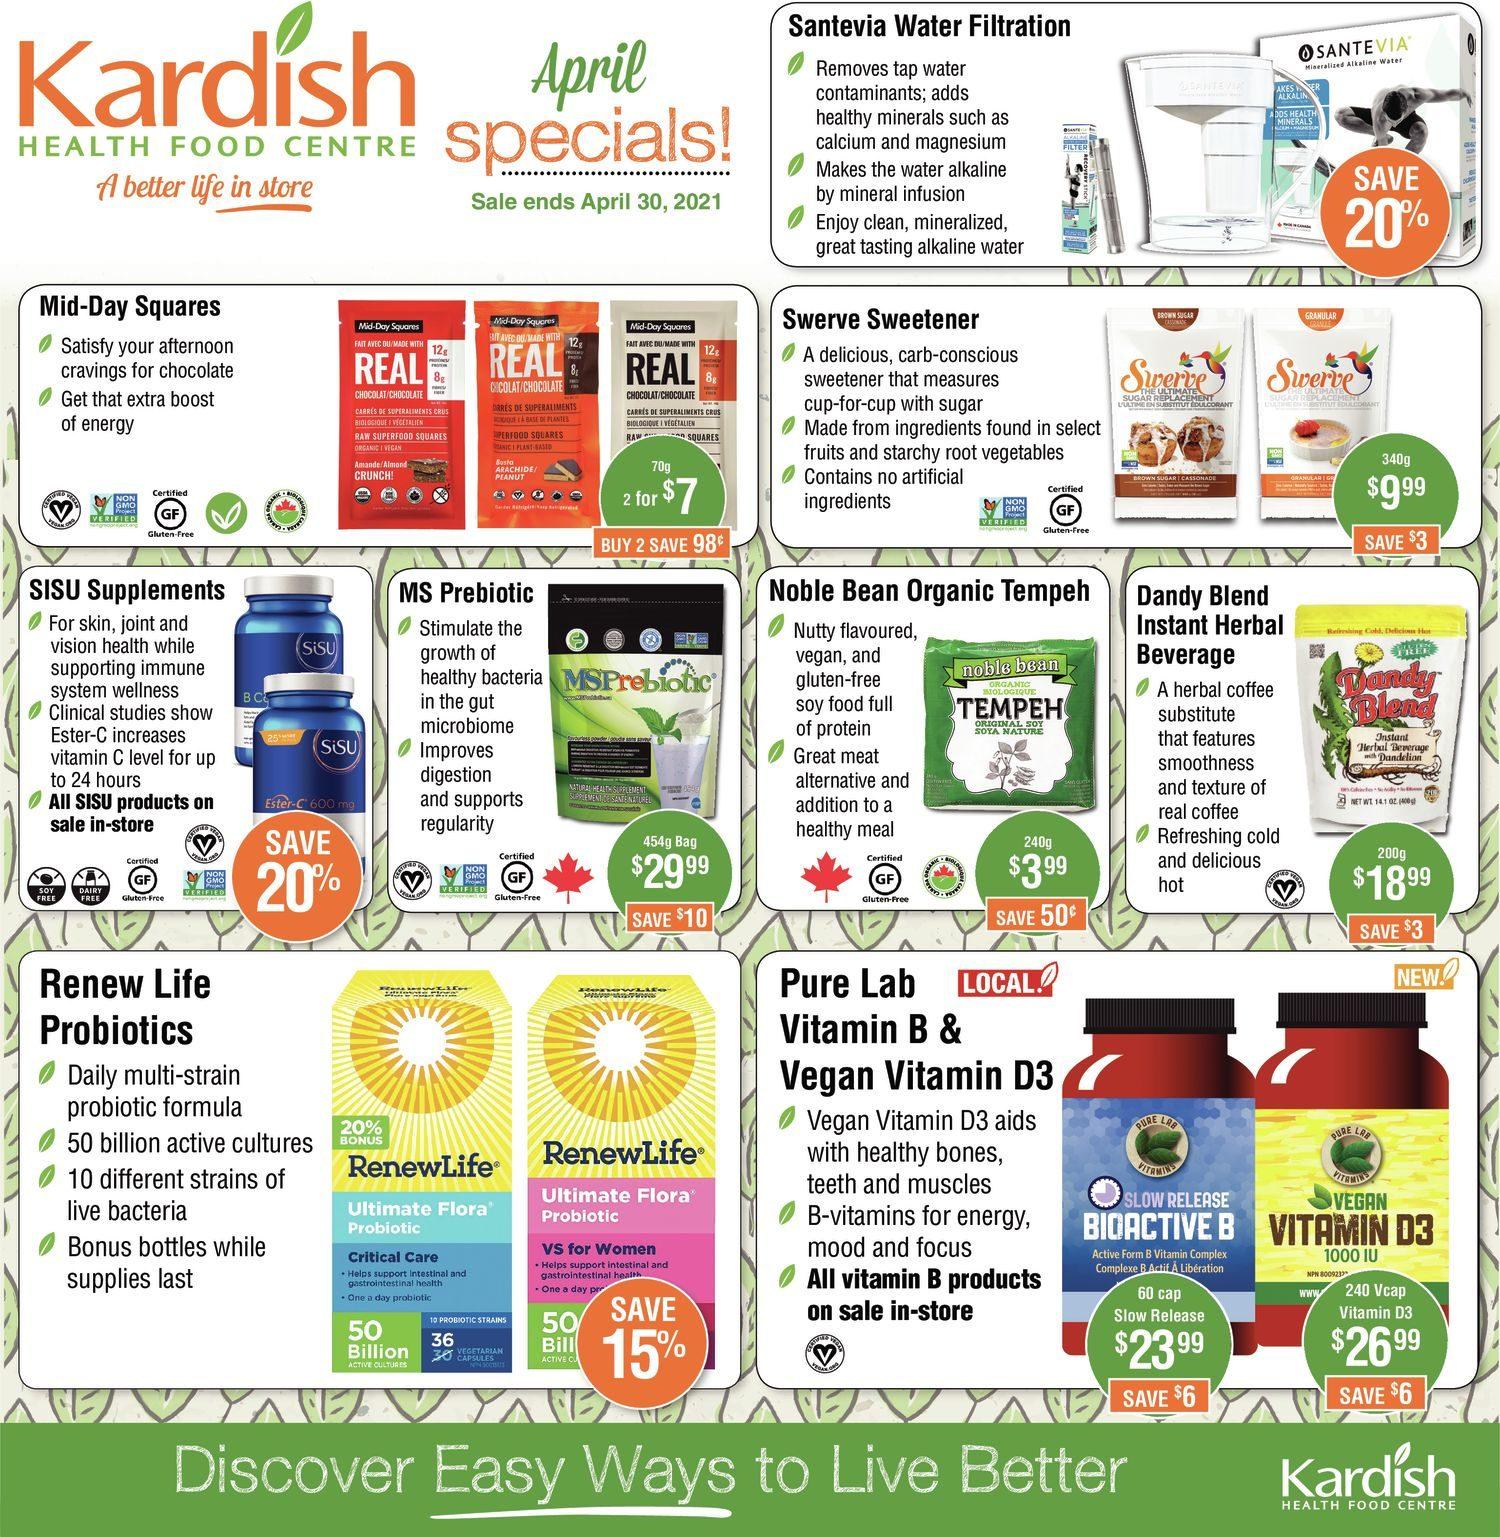 Kardish - April Specials